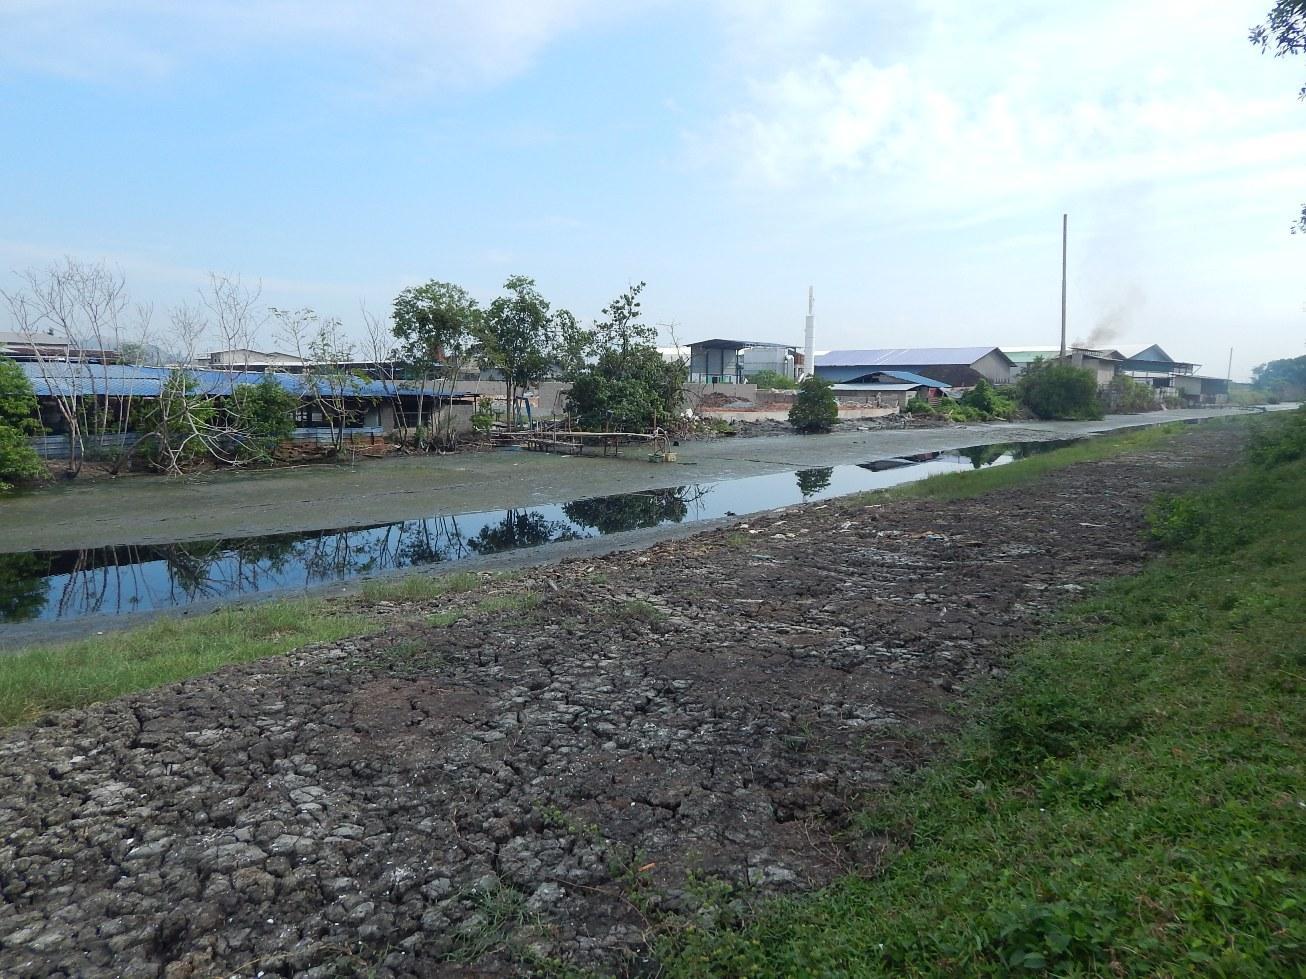 Adakah industri di kawasan ini tidak mencemarkan air dalam parit berkenaan? | SAM